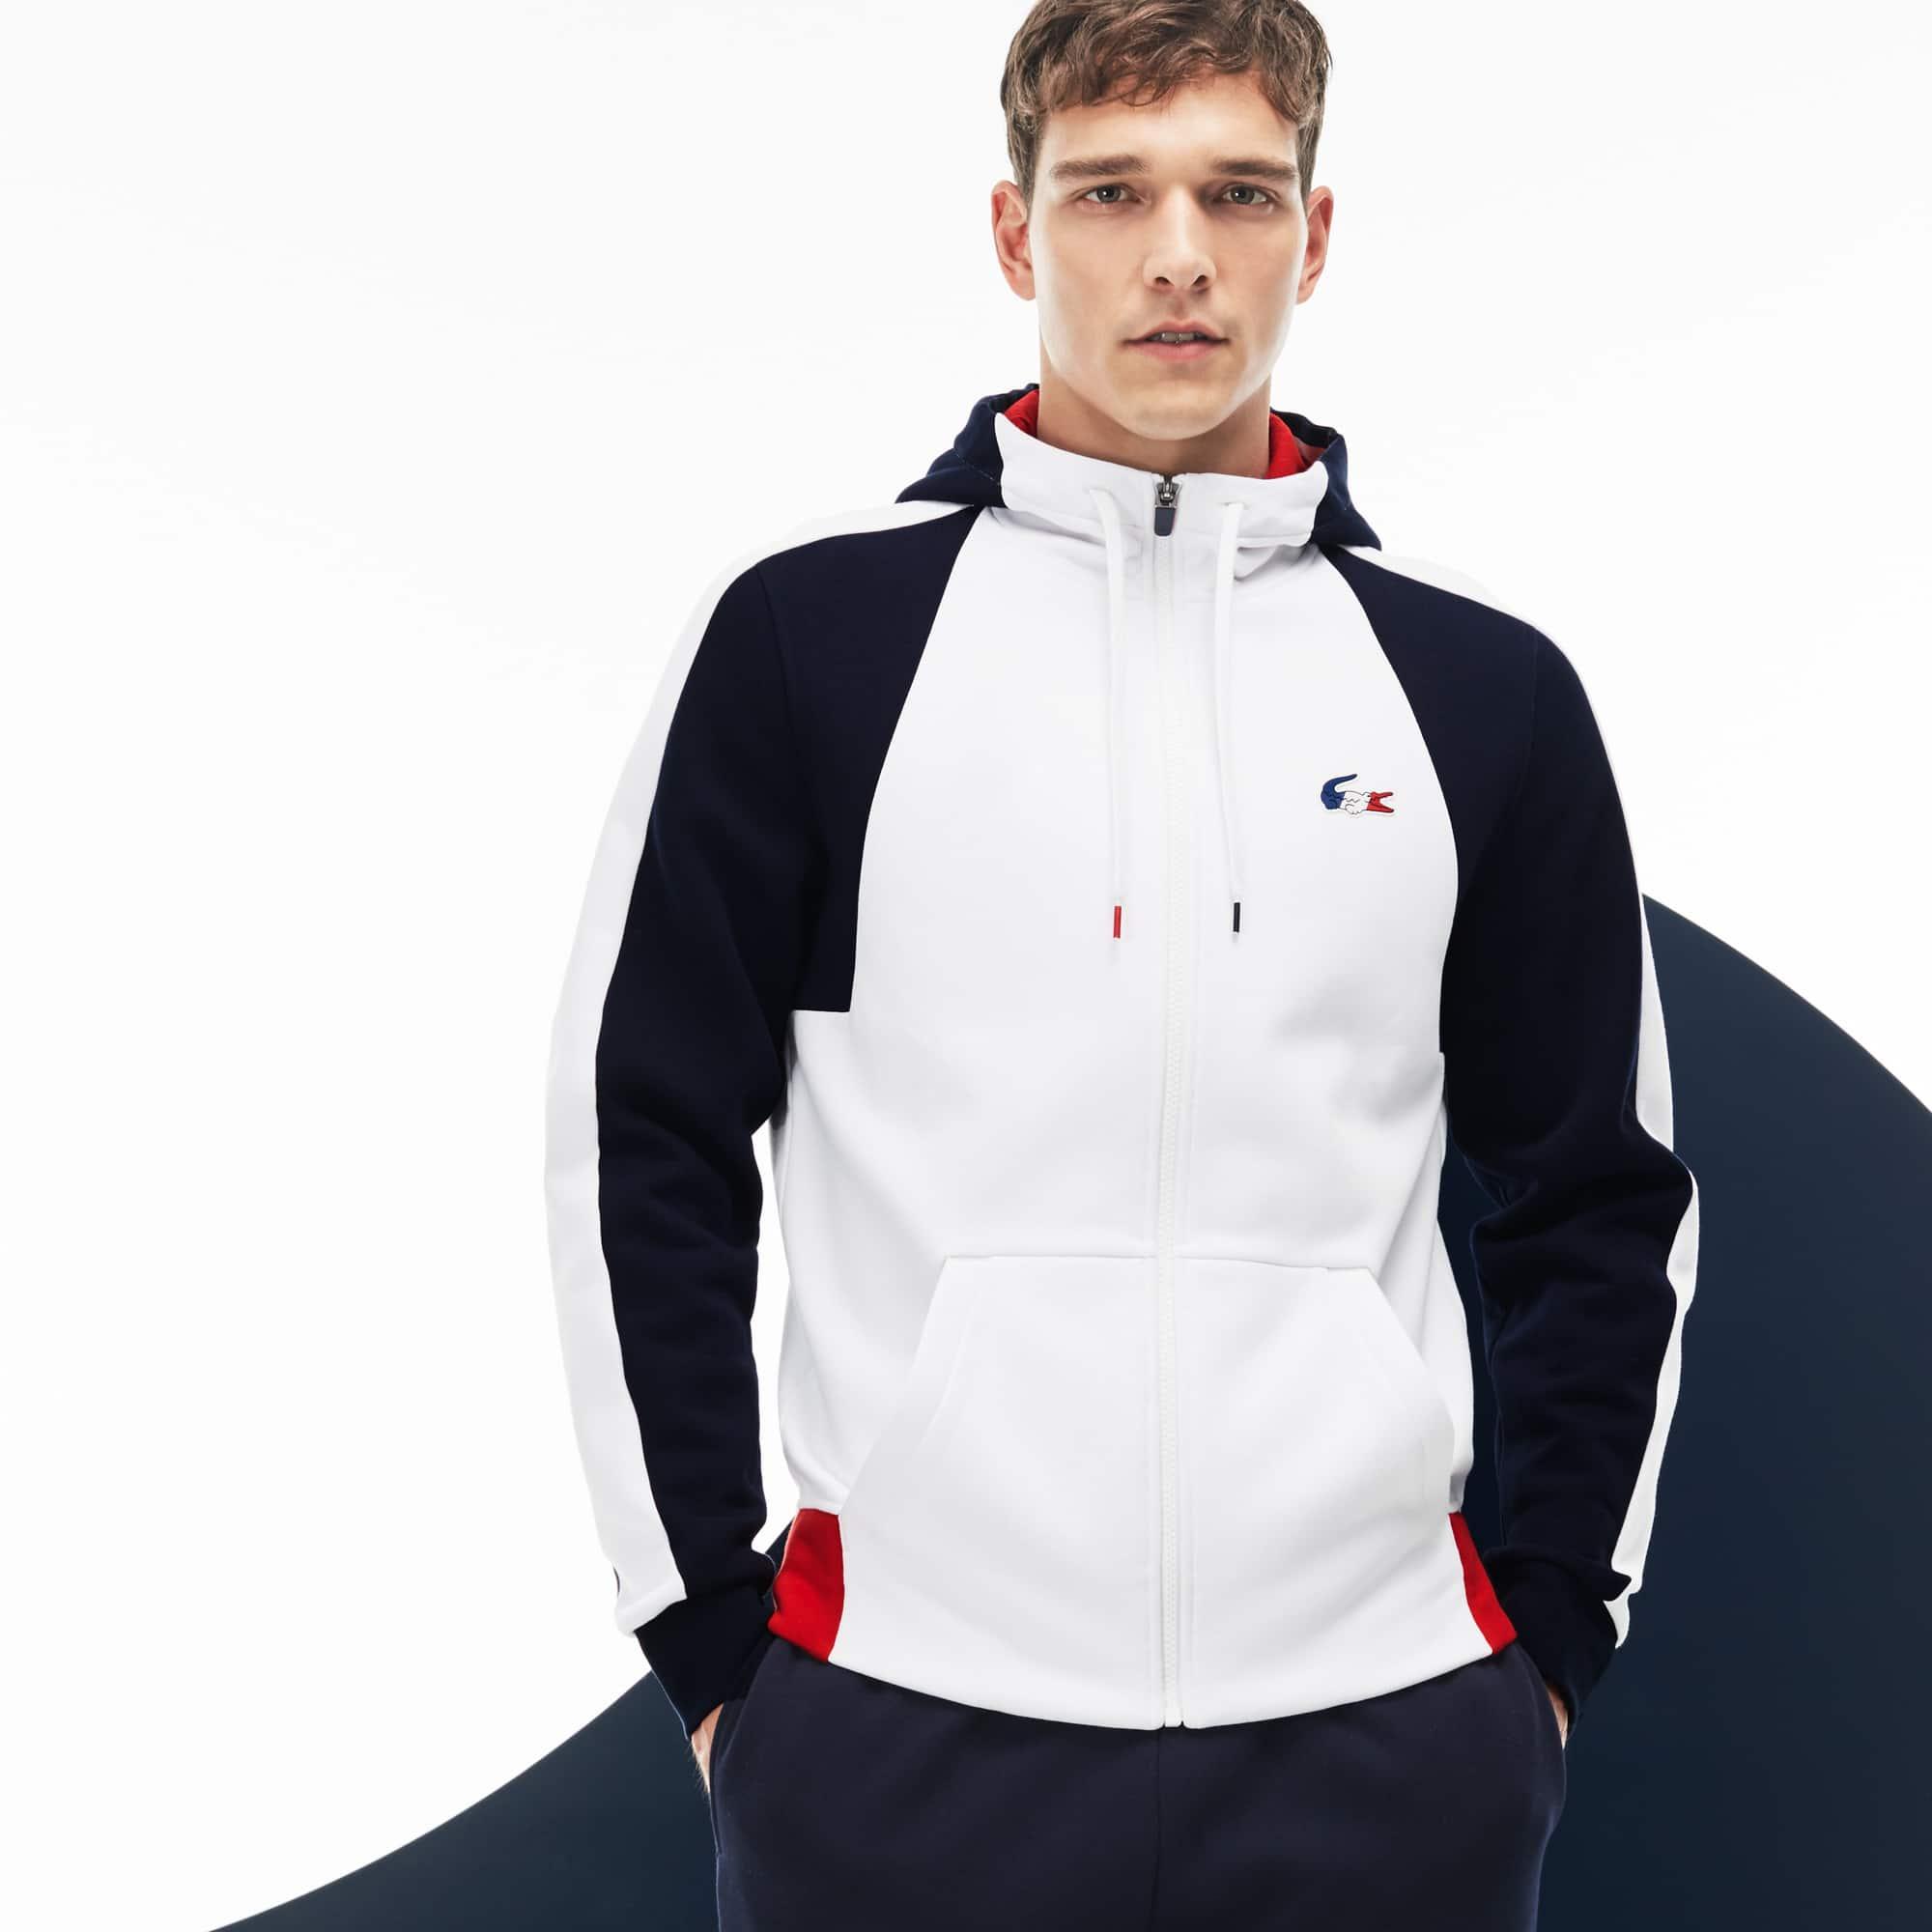 Herren-Sweatshirt aus Fleece LACOSTE SPORT FRENCH SPORTING SPIRIT